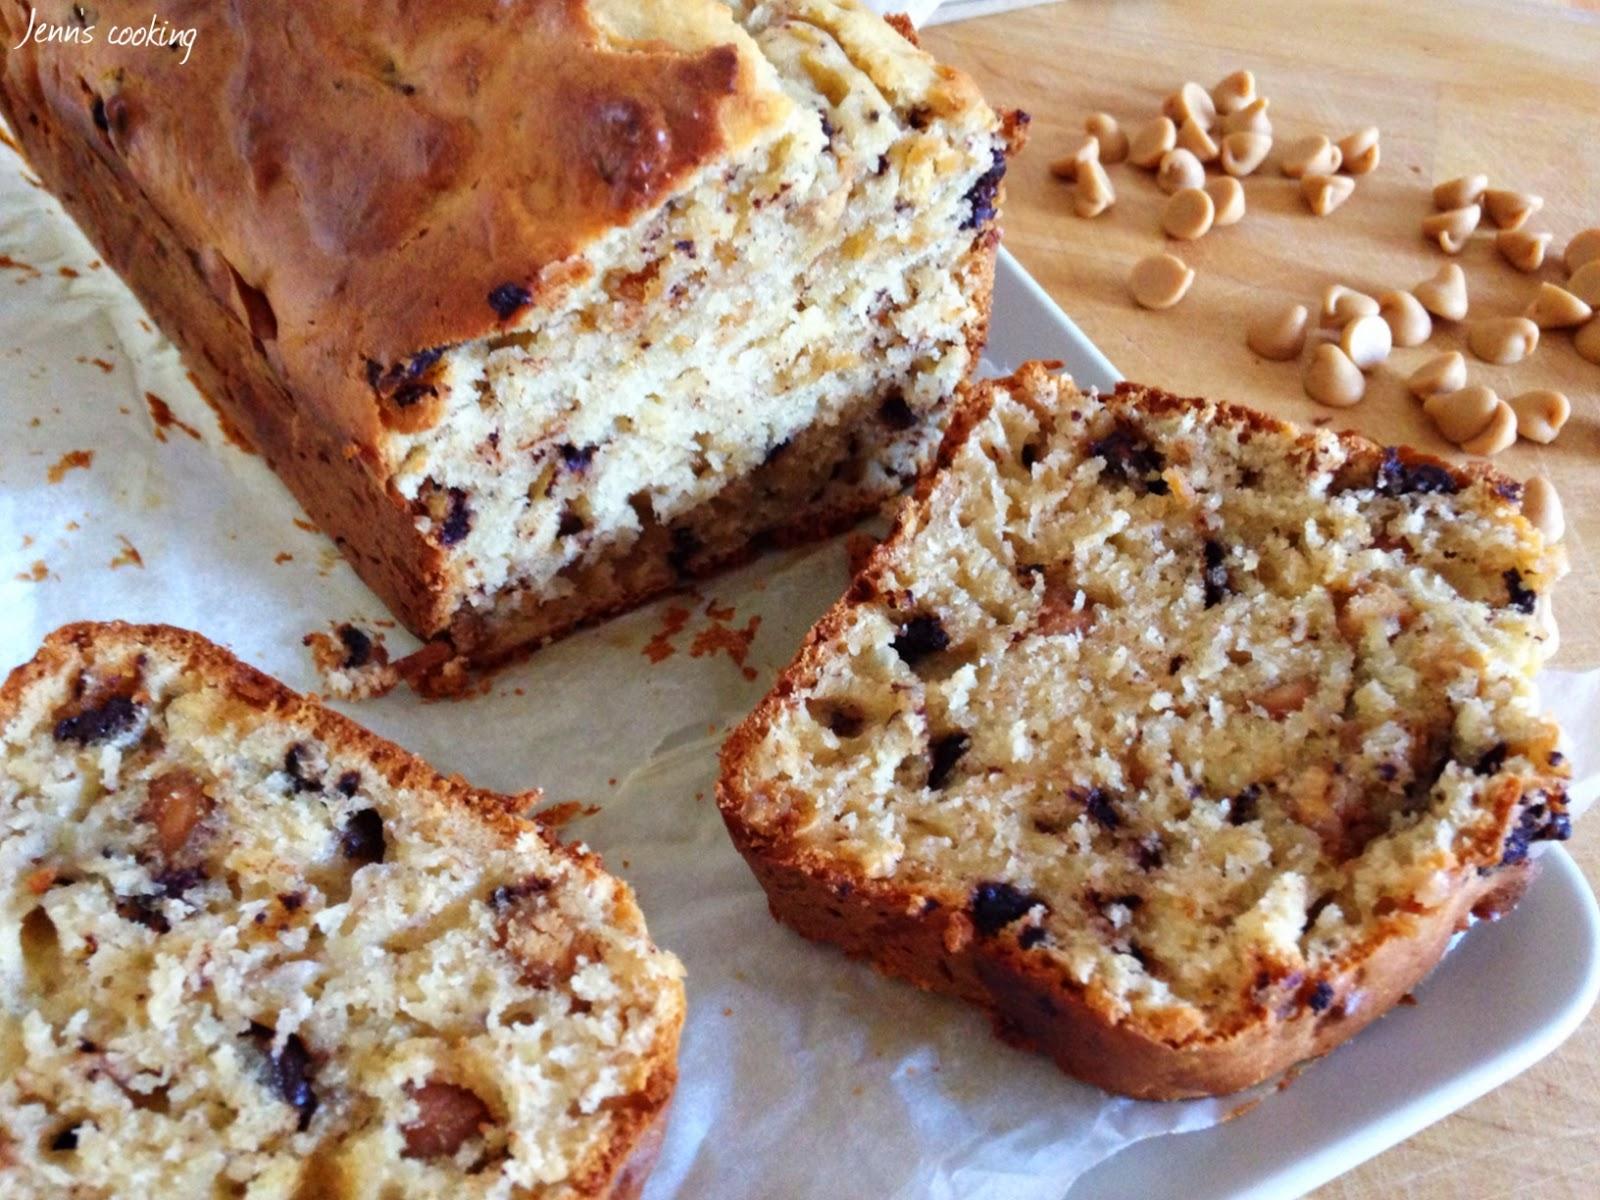 Jenn 39 s cooking cake banane beurre de cacahu te aux p pites de chocolat - Gateau beurre de cacahuete ...